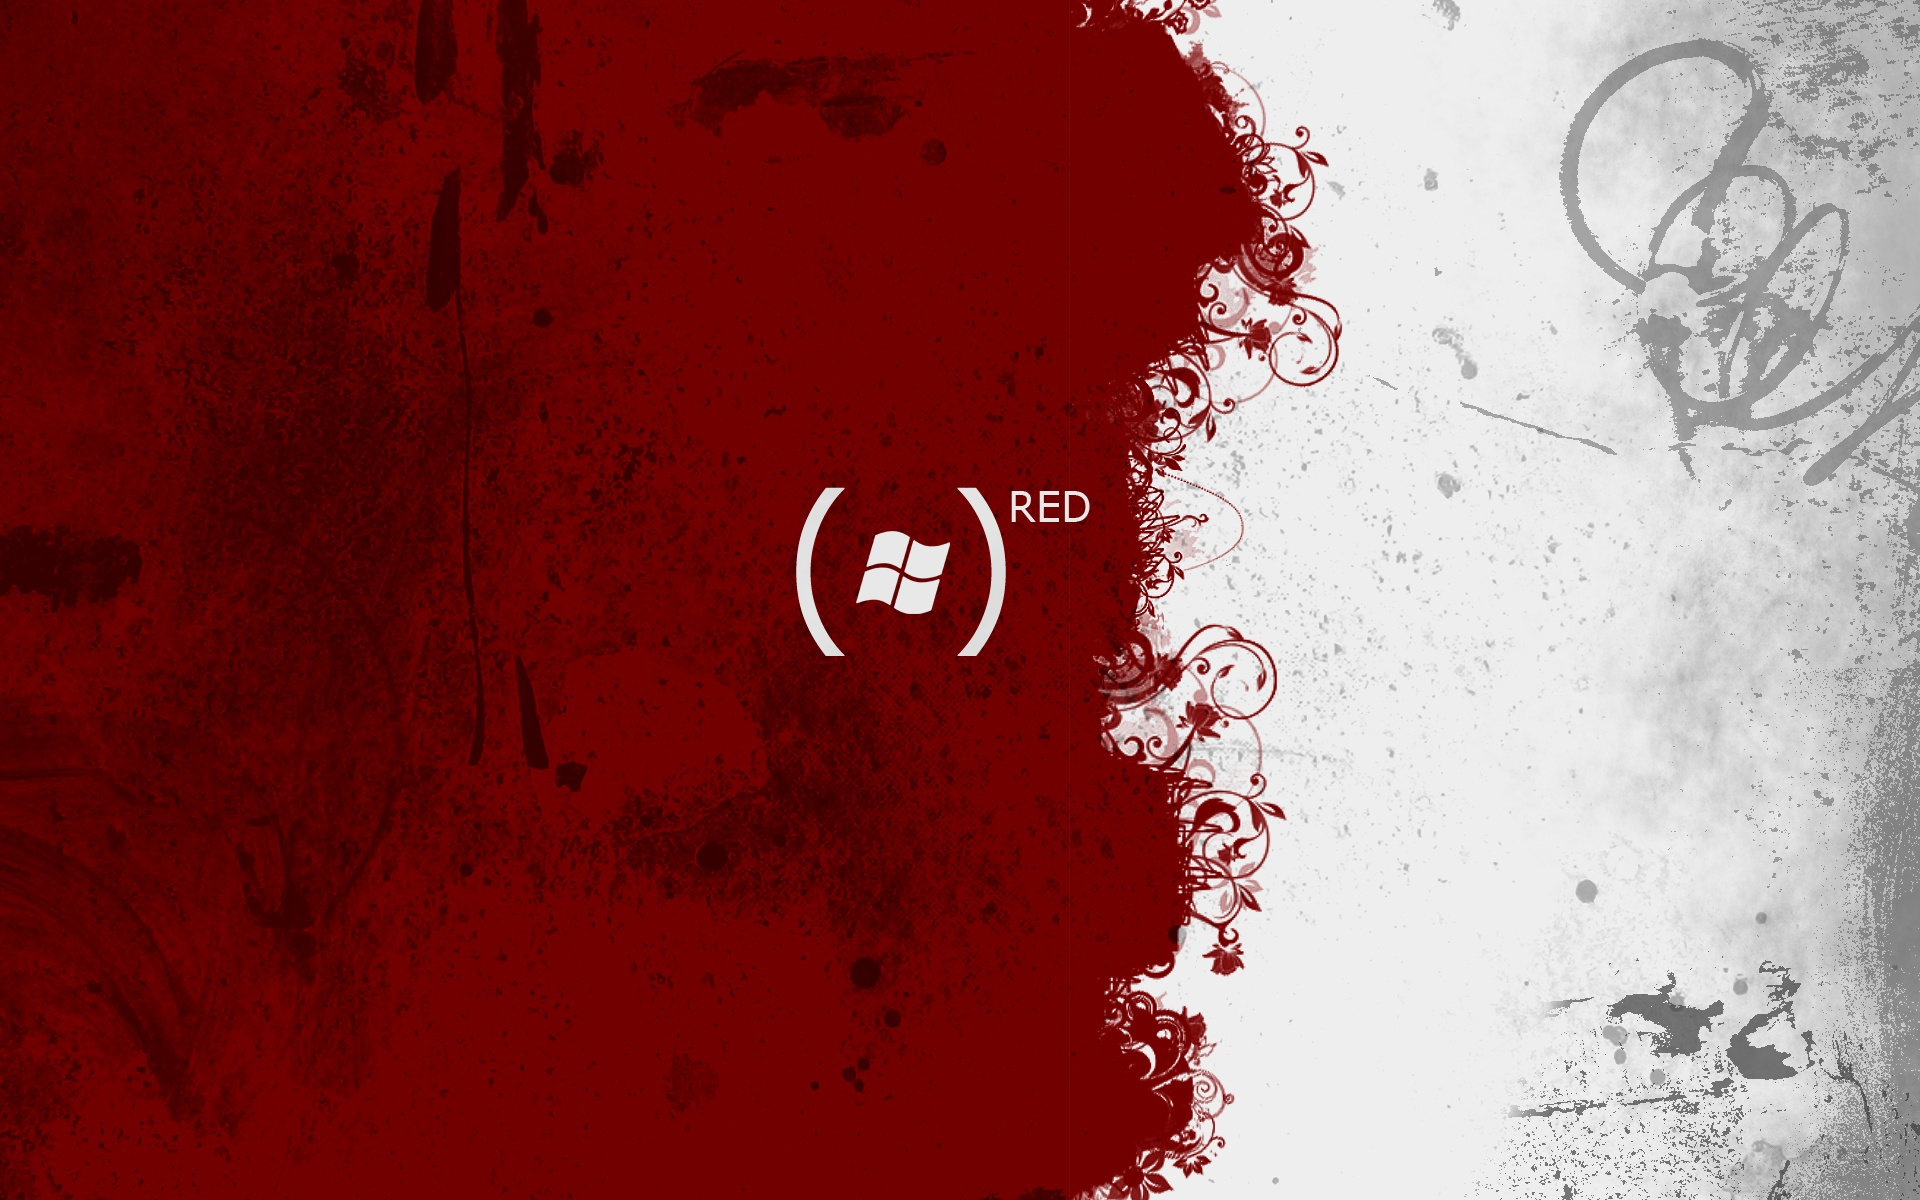 Abstracto De Rojo Y Blanco En Fondos Pantallas Abstractos 629998 Wallpaper wallpaper